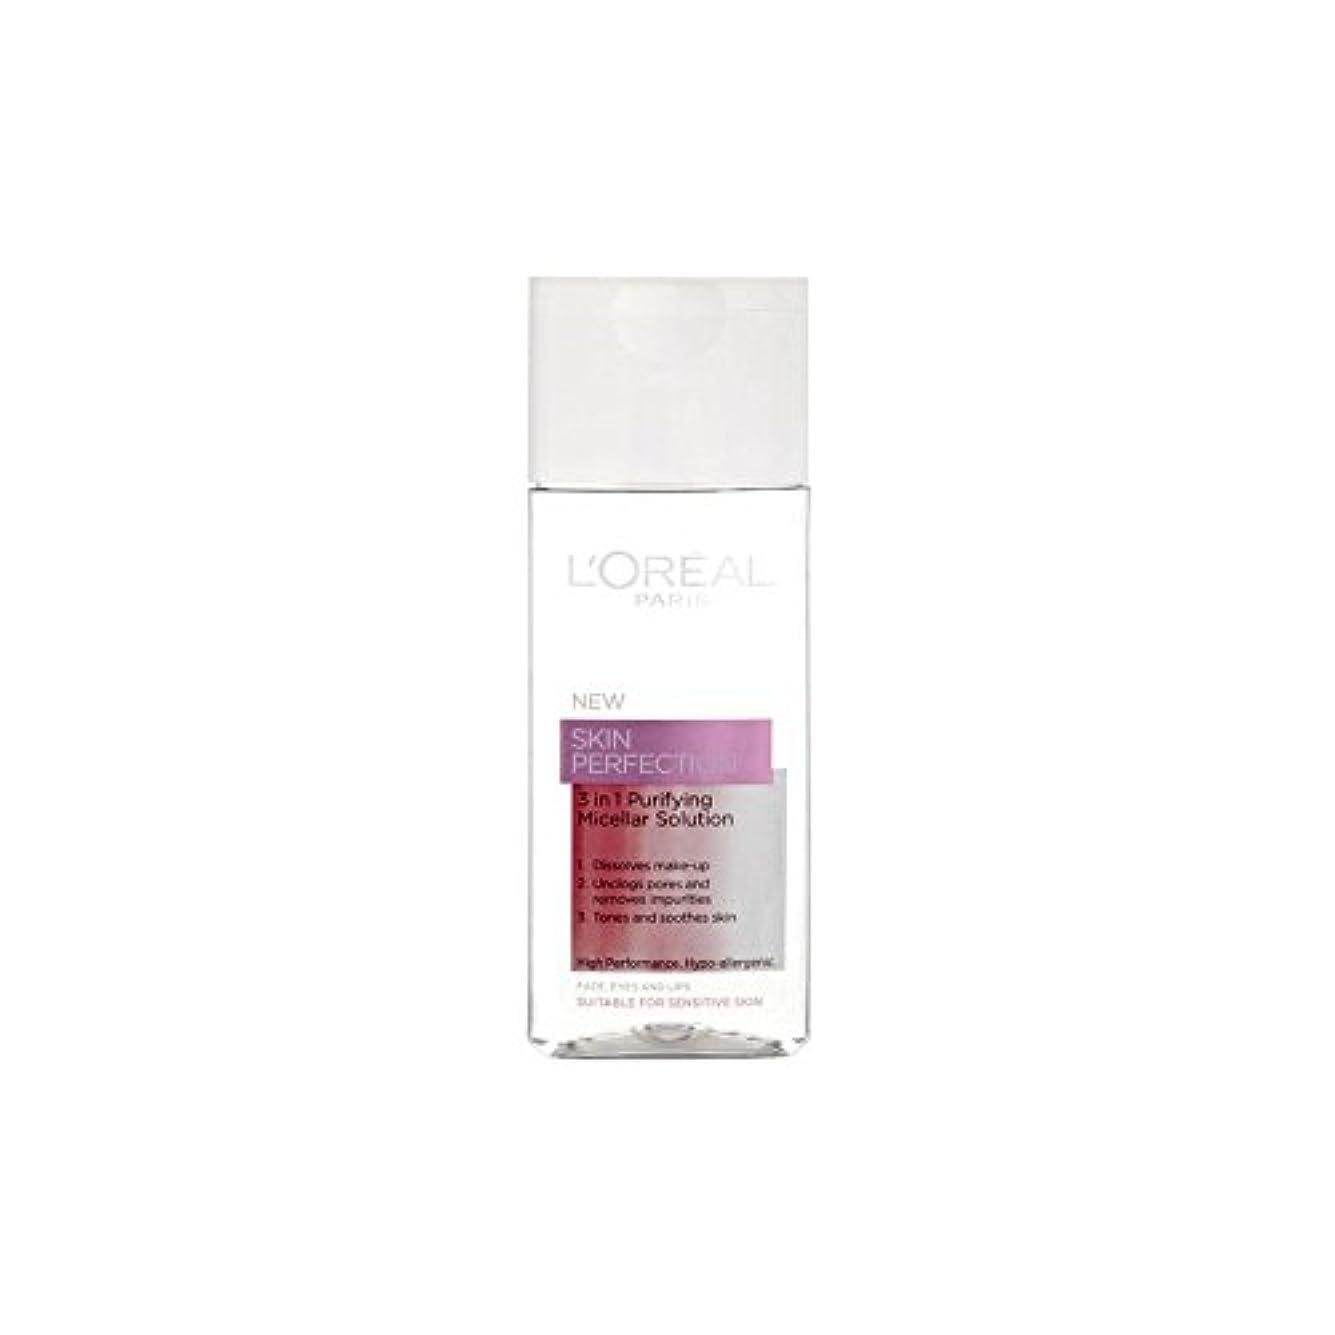 想像する対人解放する1つの精製ミセル溶液中ロレアルパリ?ダーモ専門知識の皮膚完璧3(200ミリリットル) x4 - L'Oreal Paris Dermo Expertise Skin Perfection 3 In 1 Purifying...